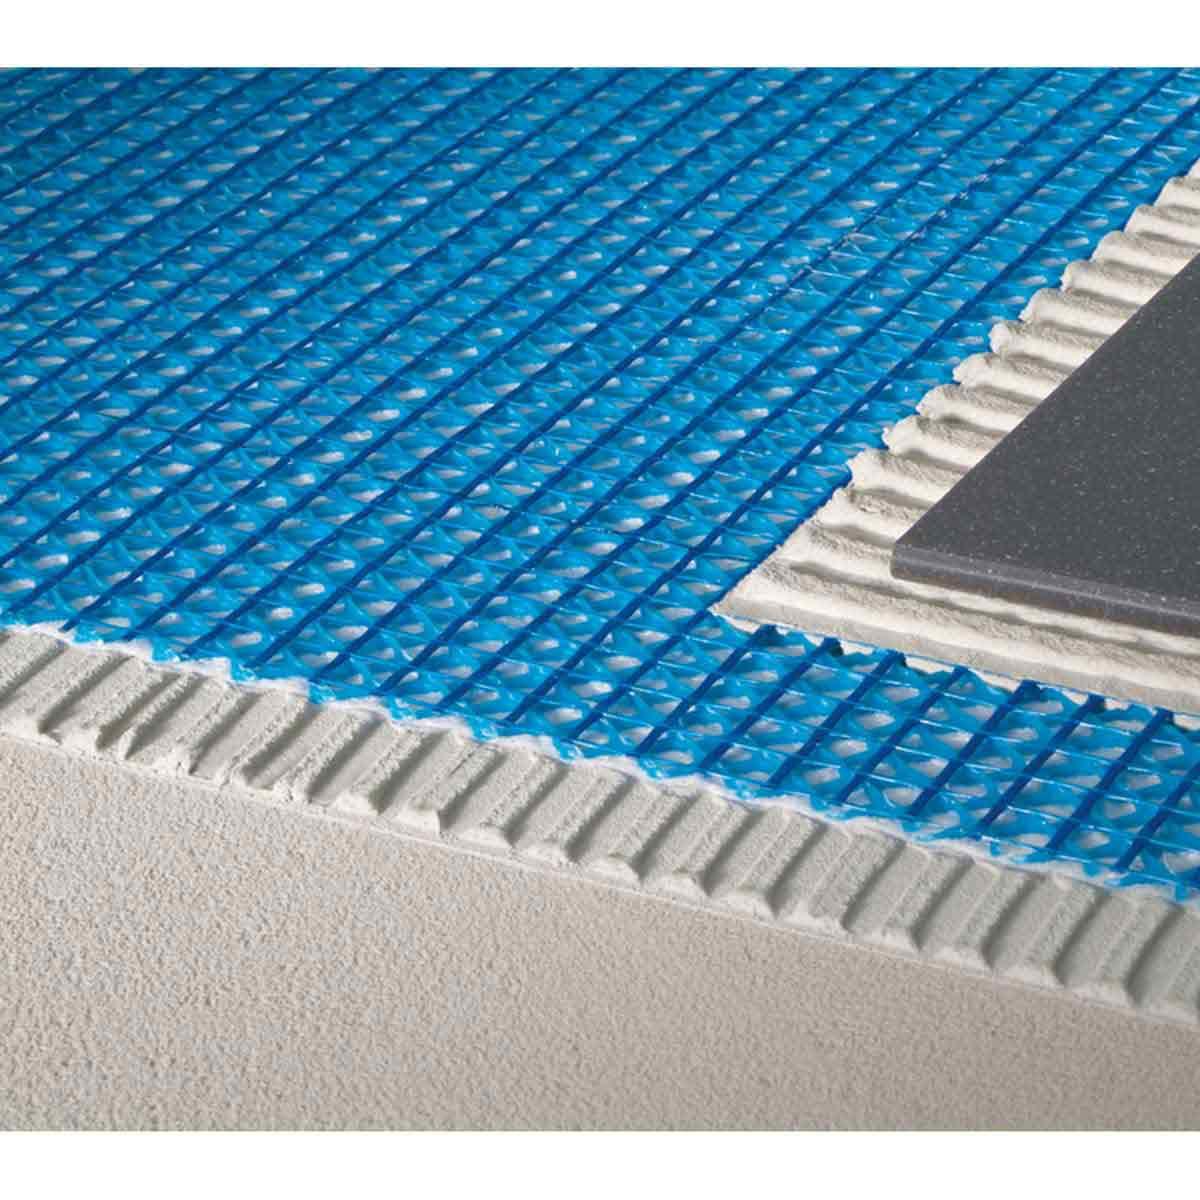 Blanke Permat Underlayment for Porcelain Tile